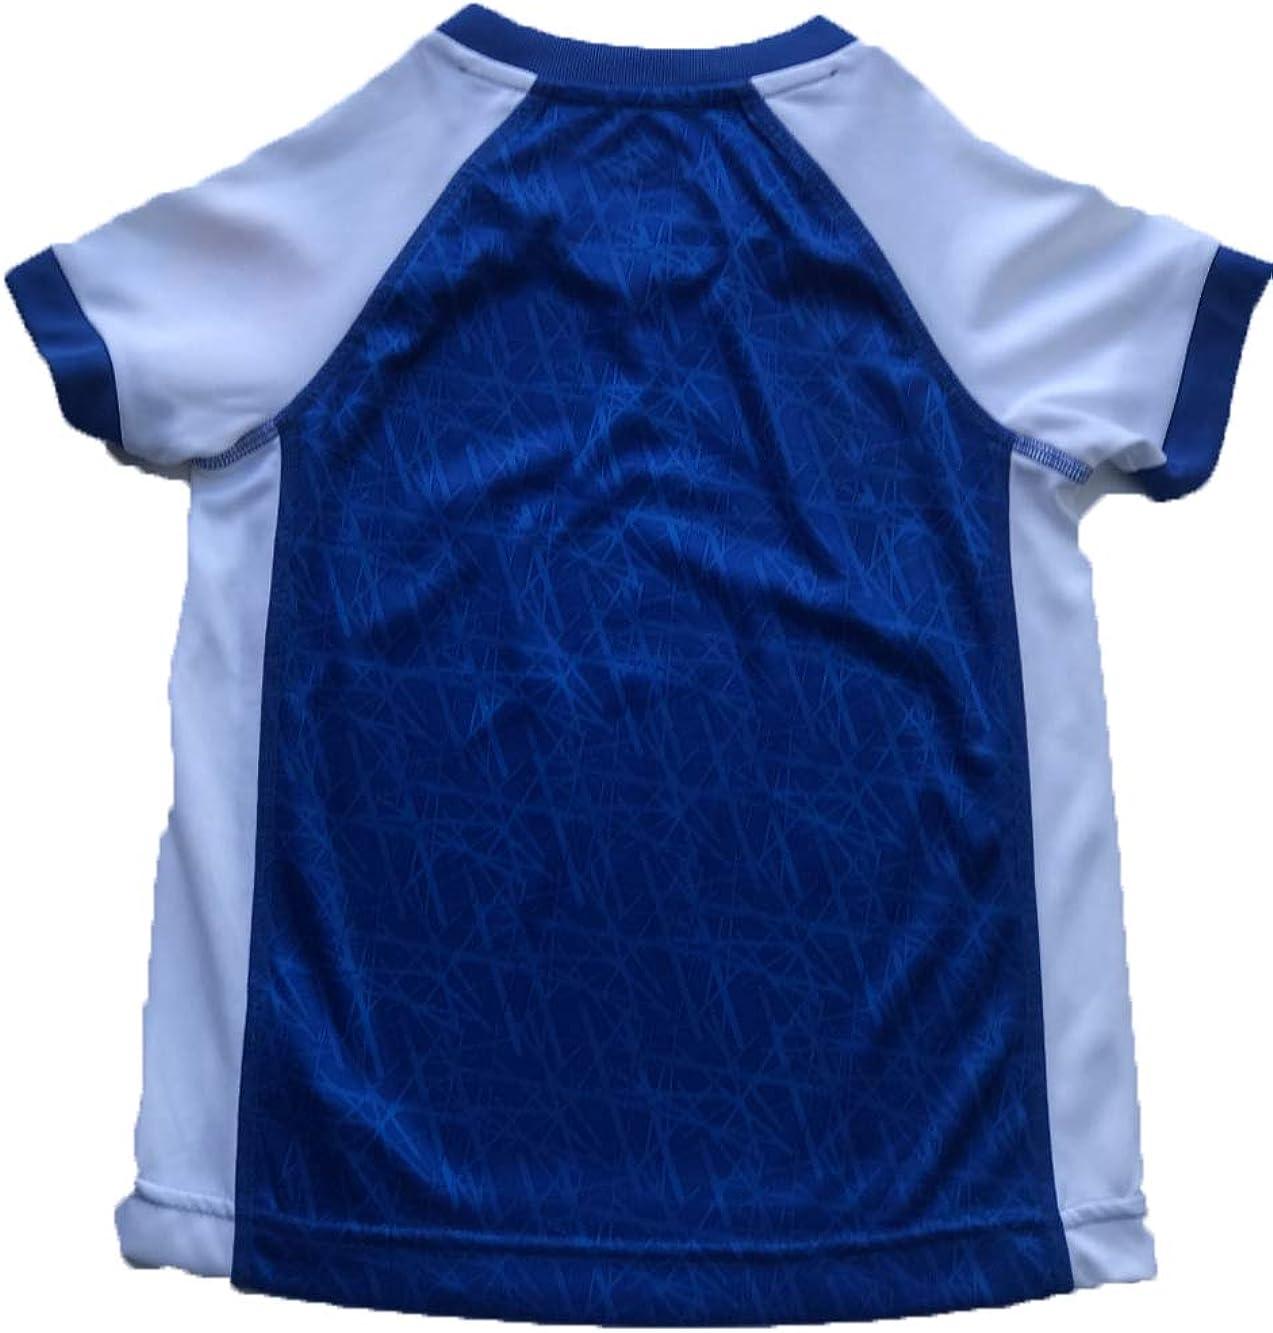 Umbro Girls' Jersey T-Shirt - White/Royal -